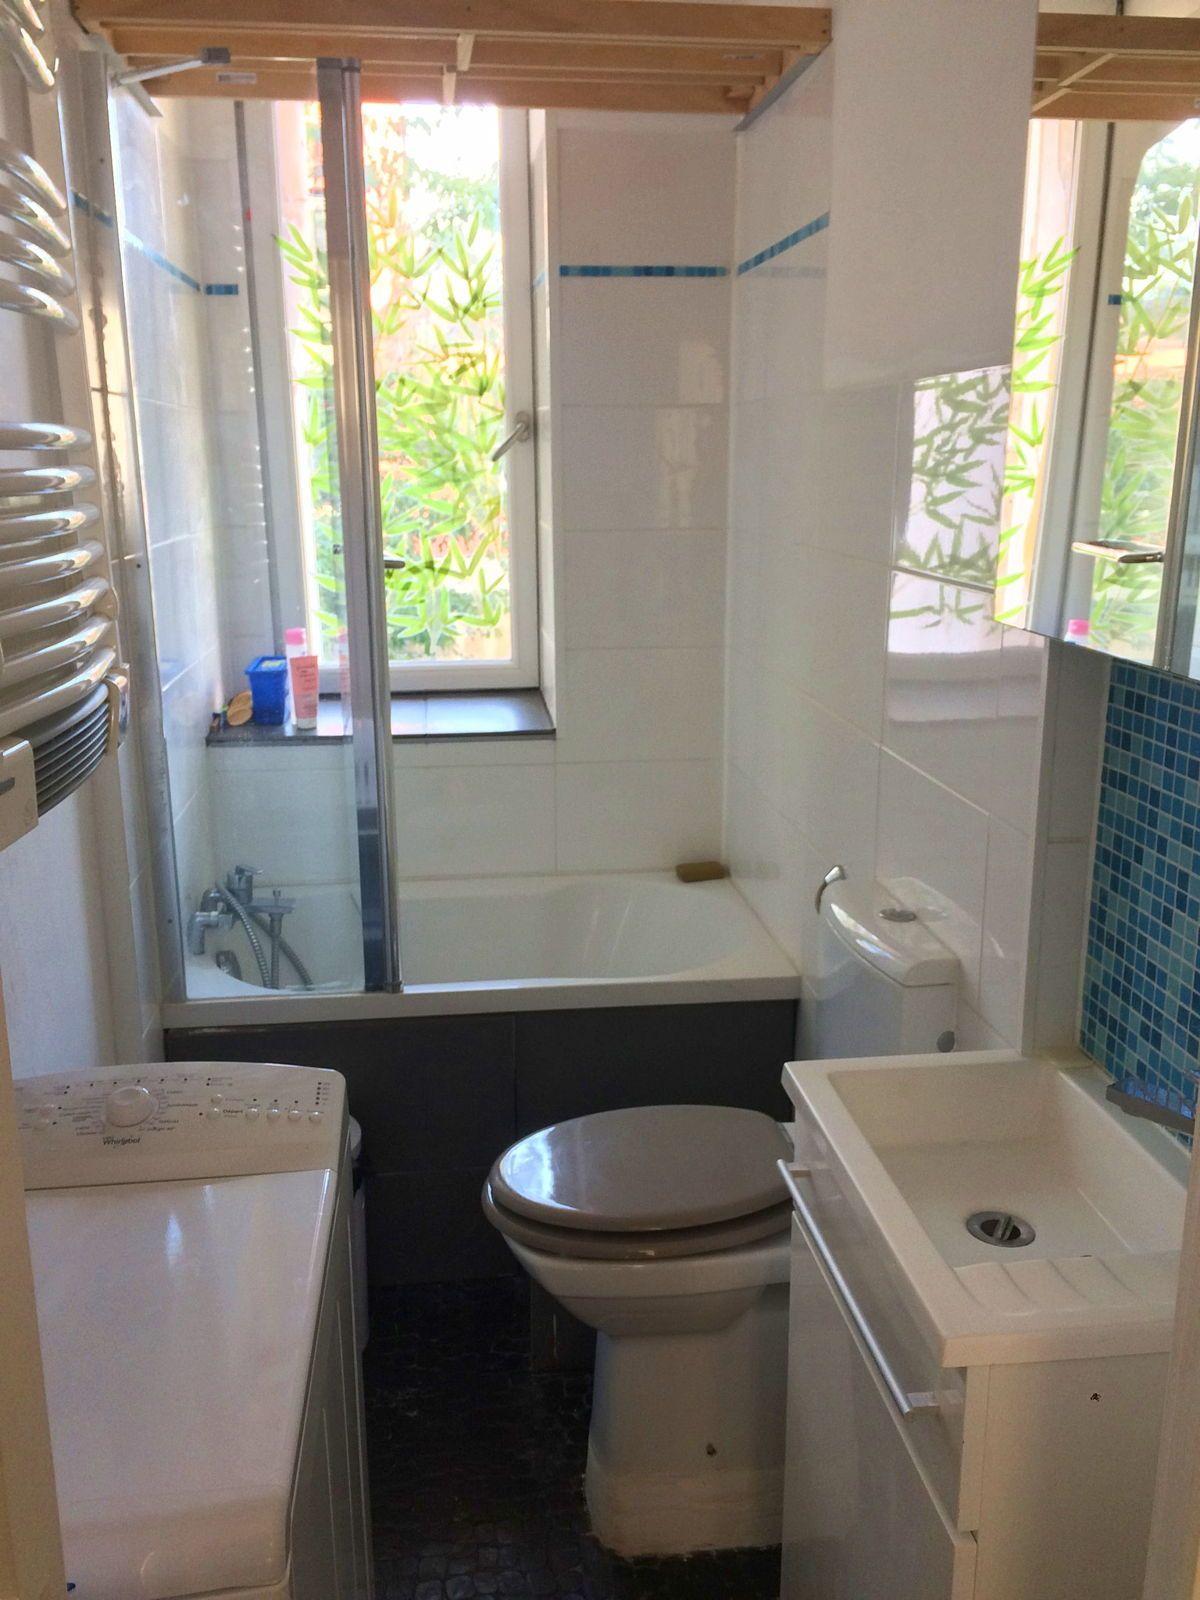 Loue appartement à Montrouge (92) - 2pièces - 35m²